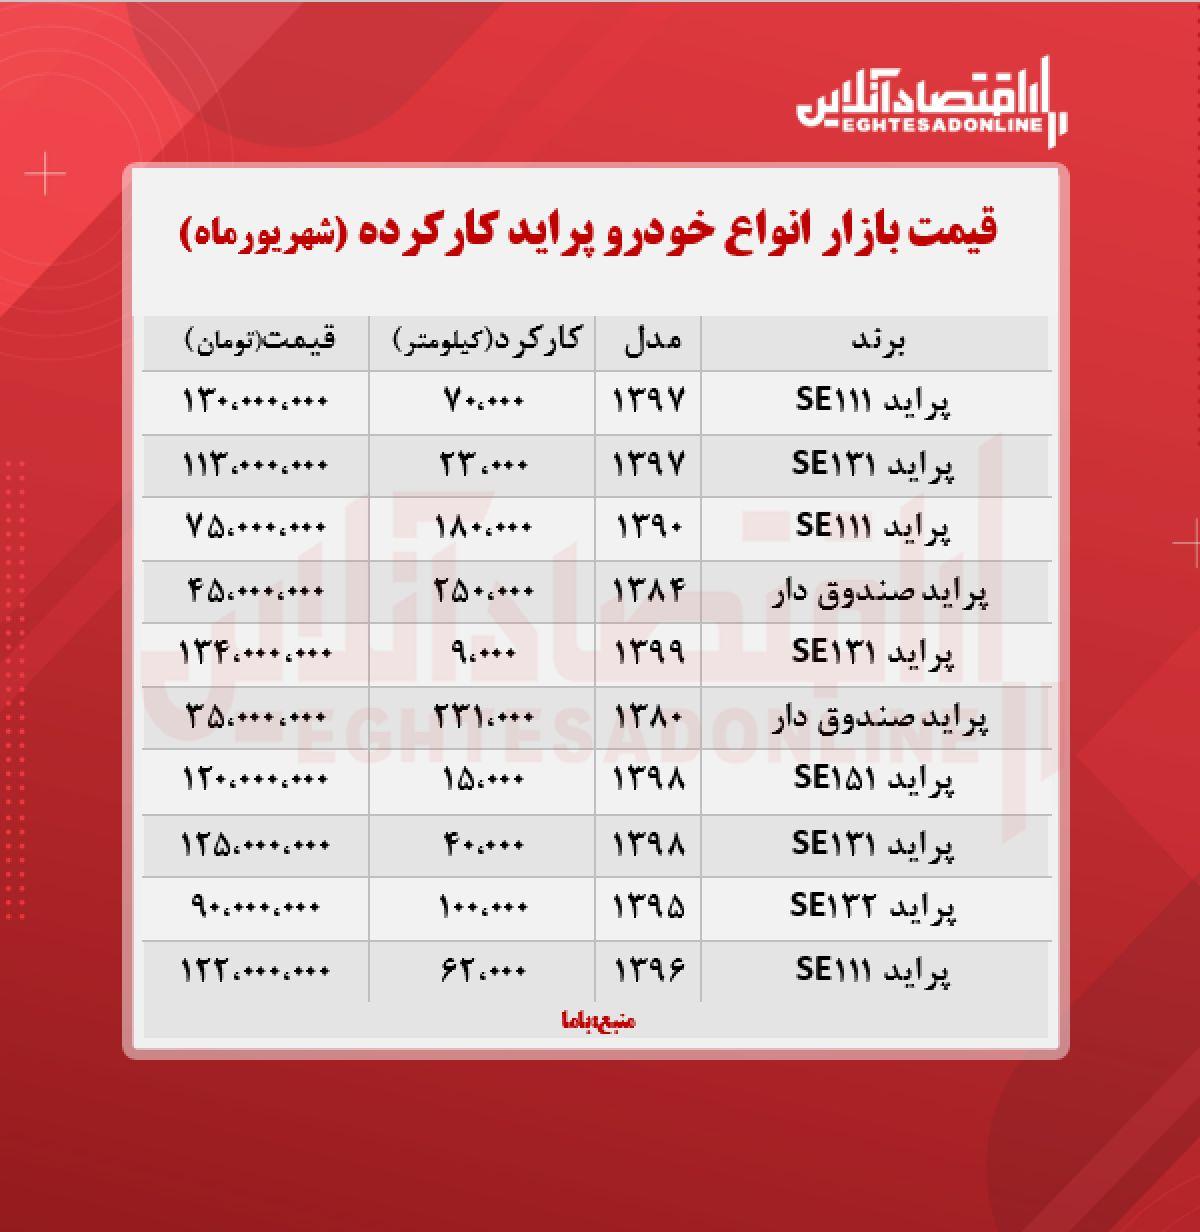 قیمت پراید کارکرده امروز ۱۴۰۰/۶/۱۰